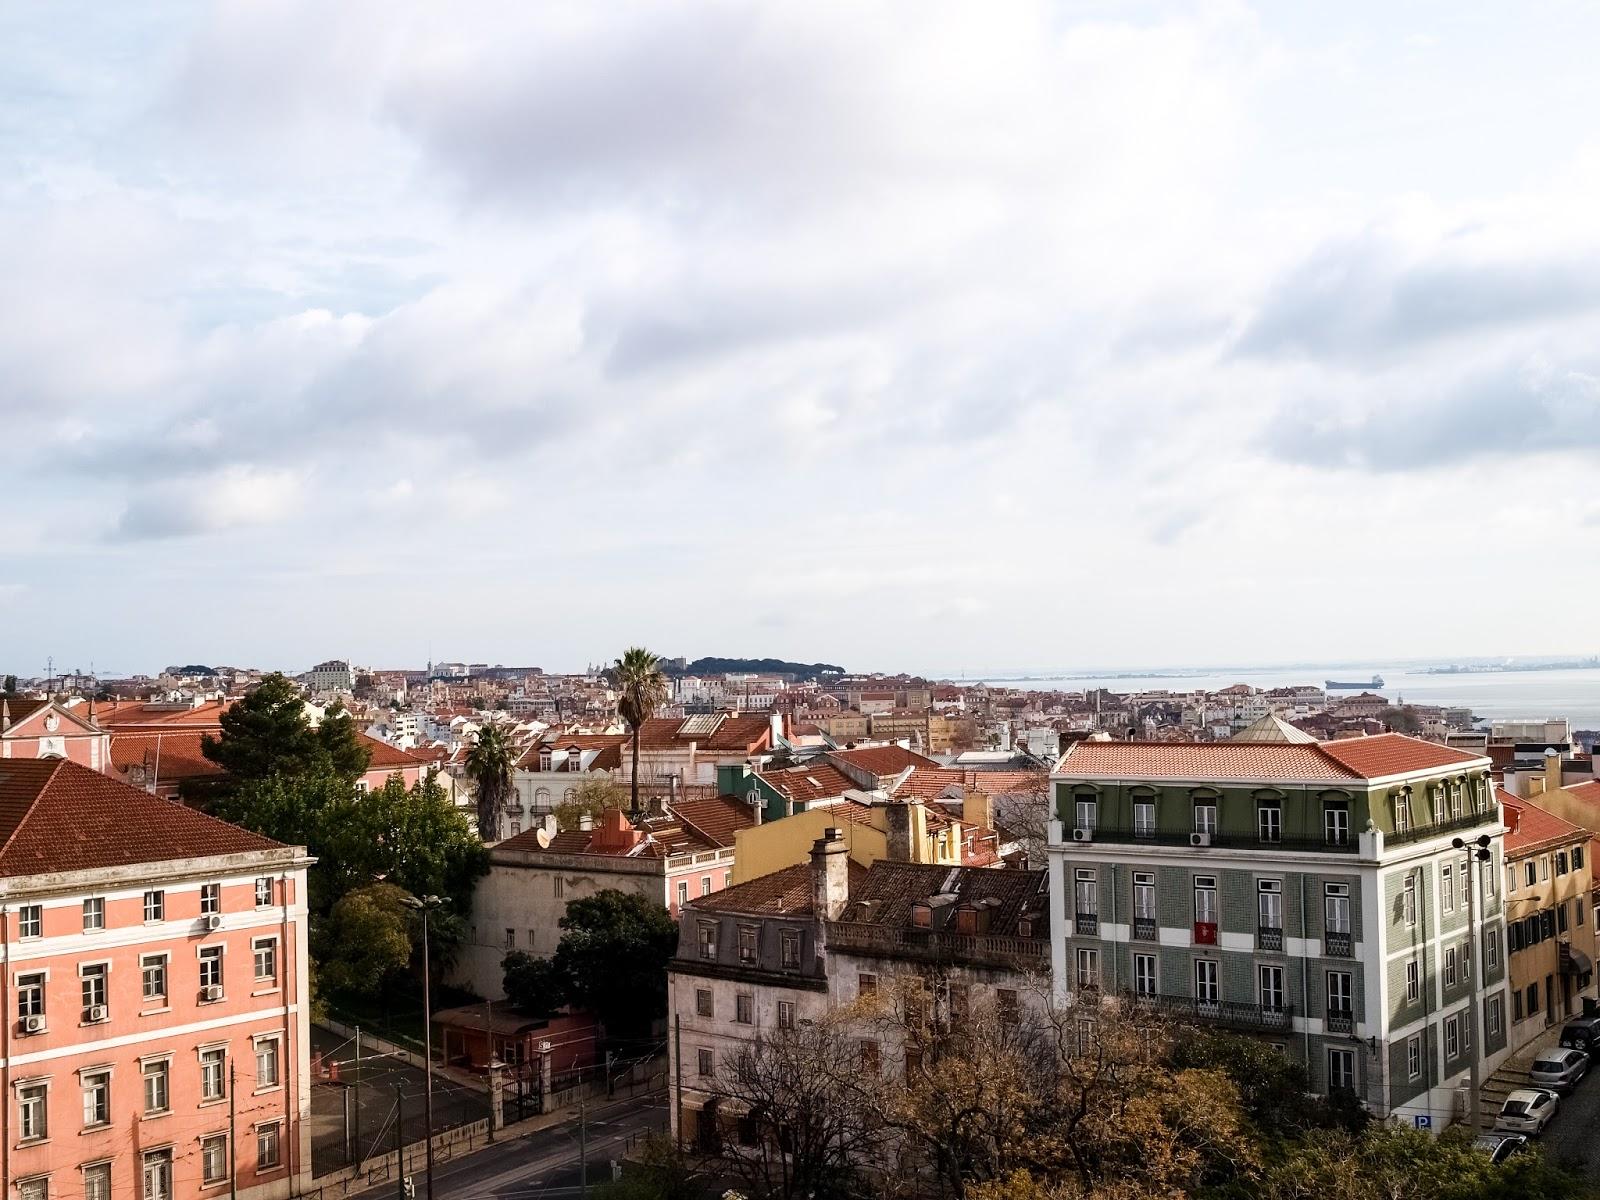 Jardim De Estrela view from the top